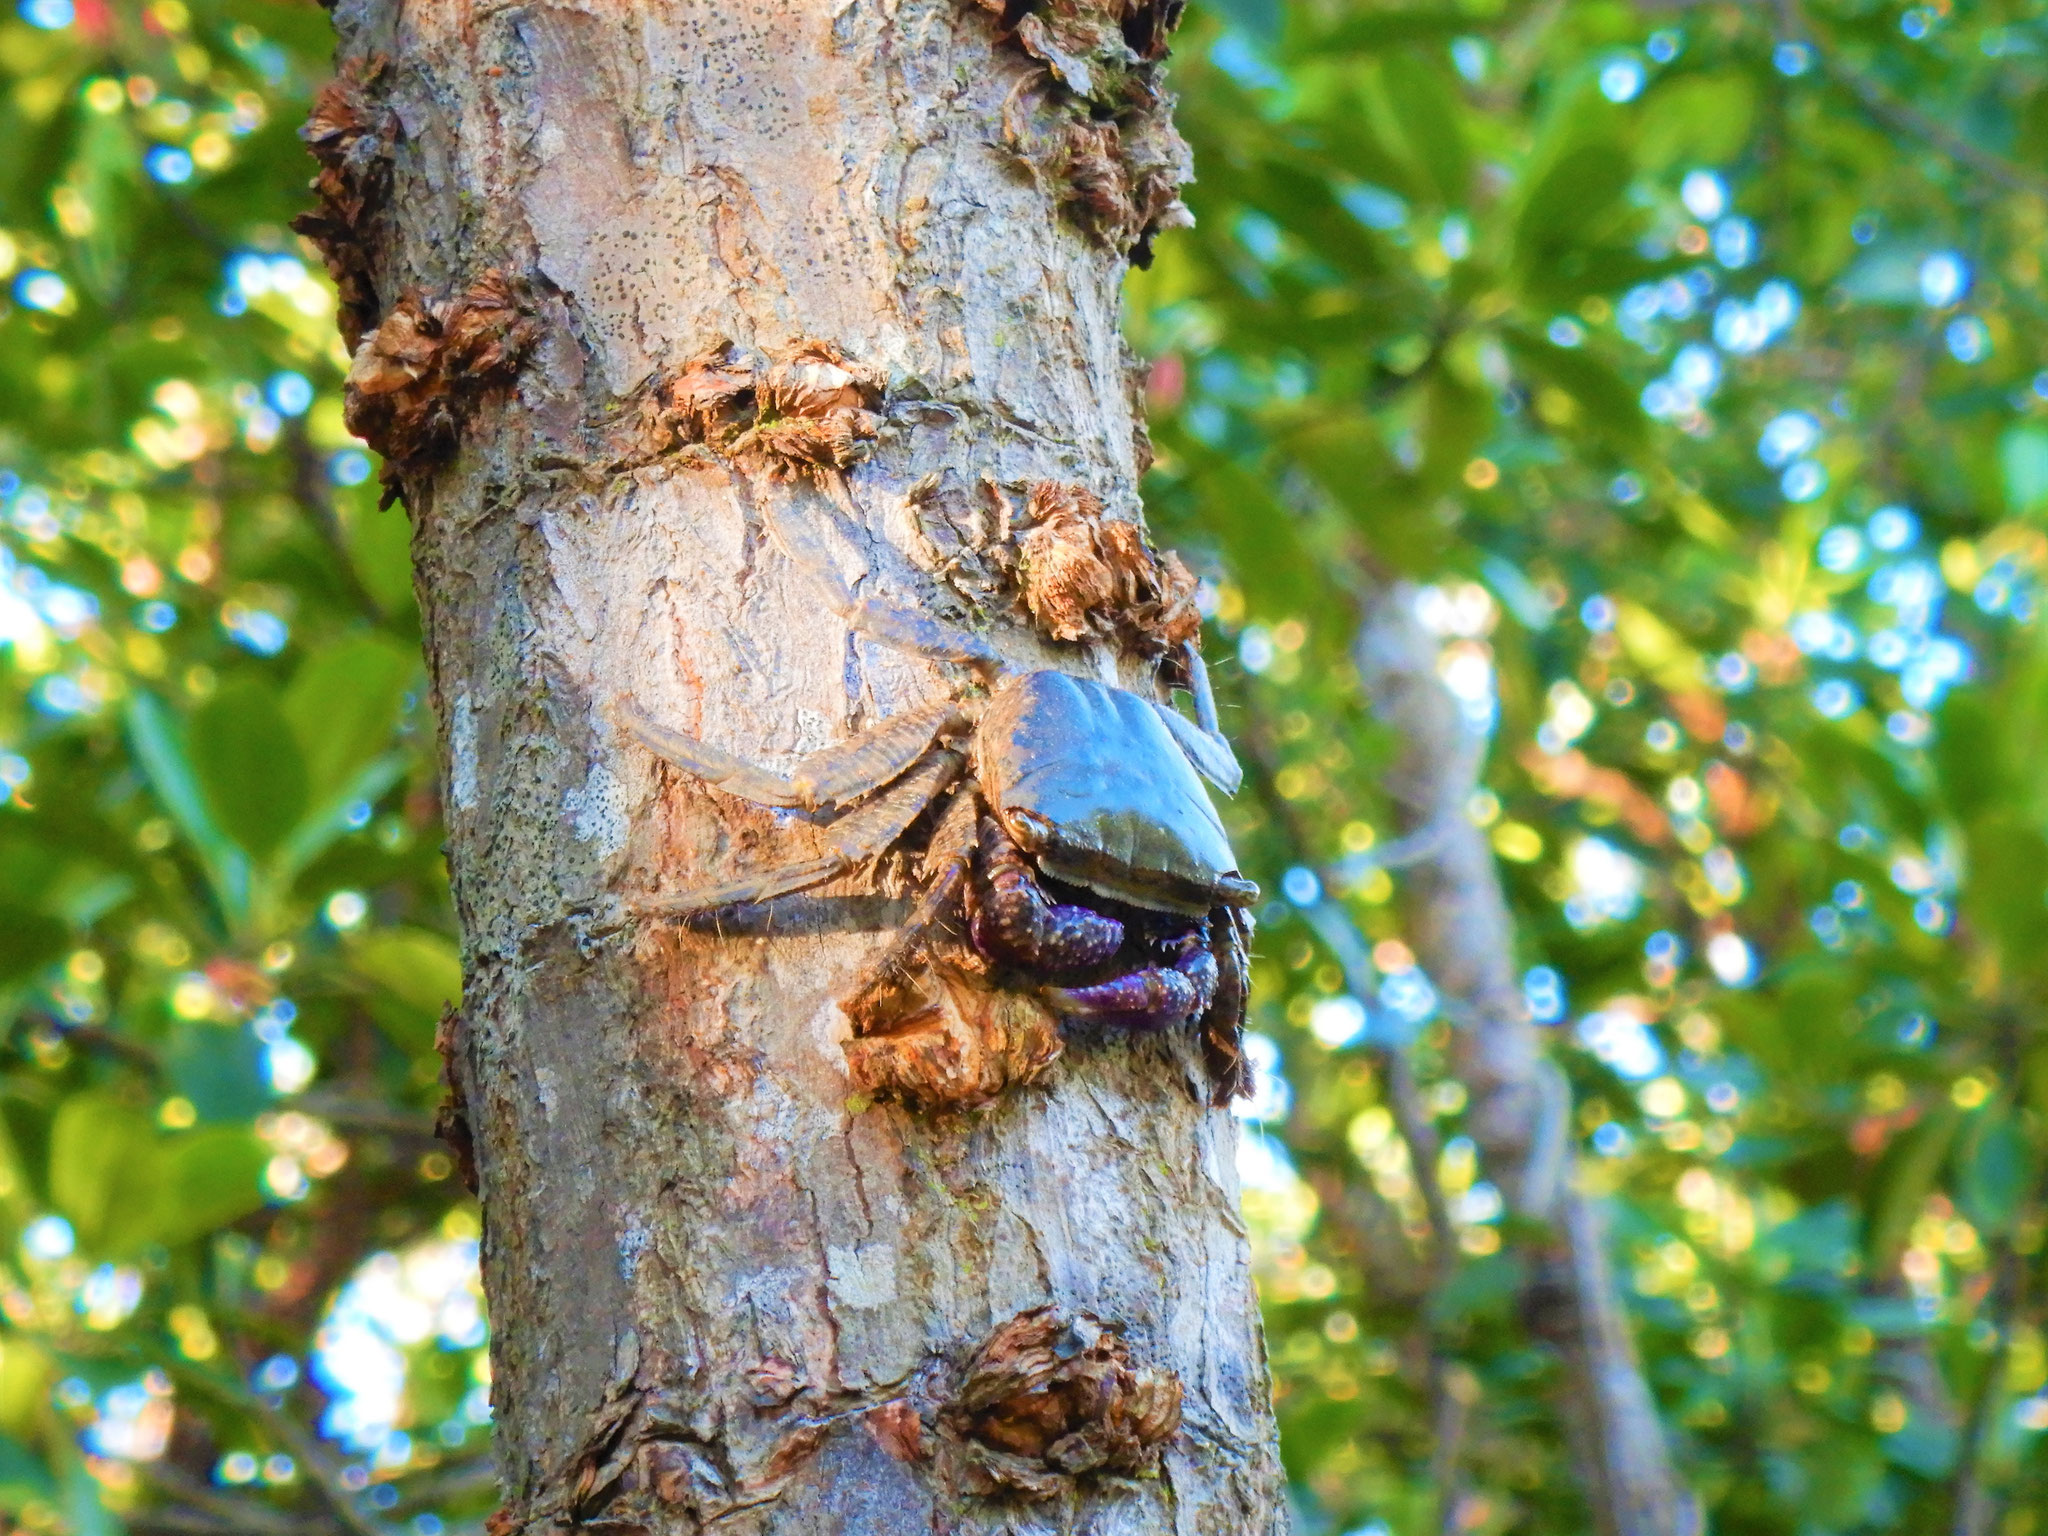 カニが木登りしているよ!